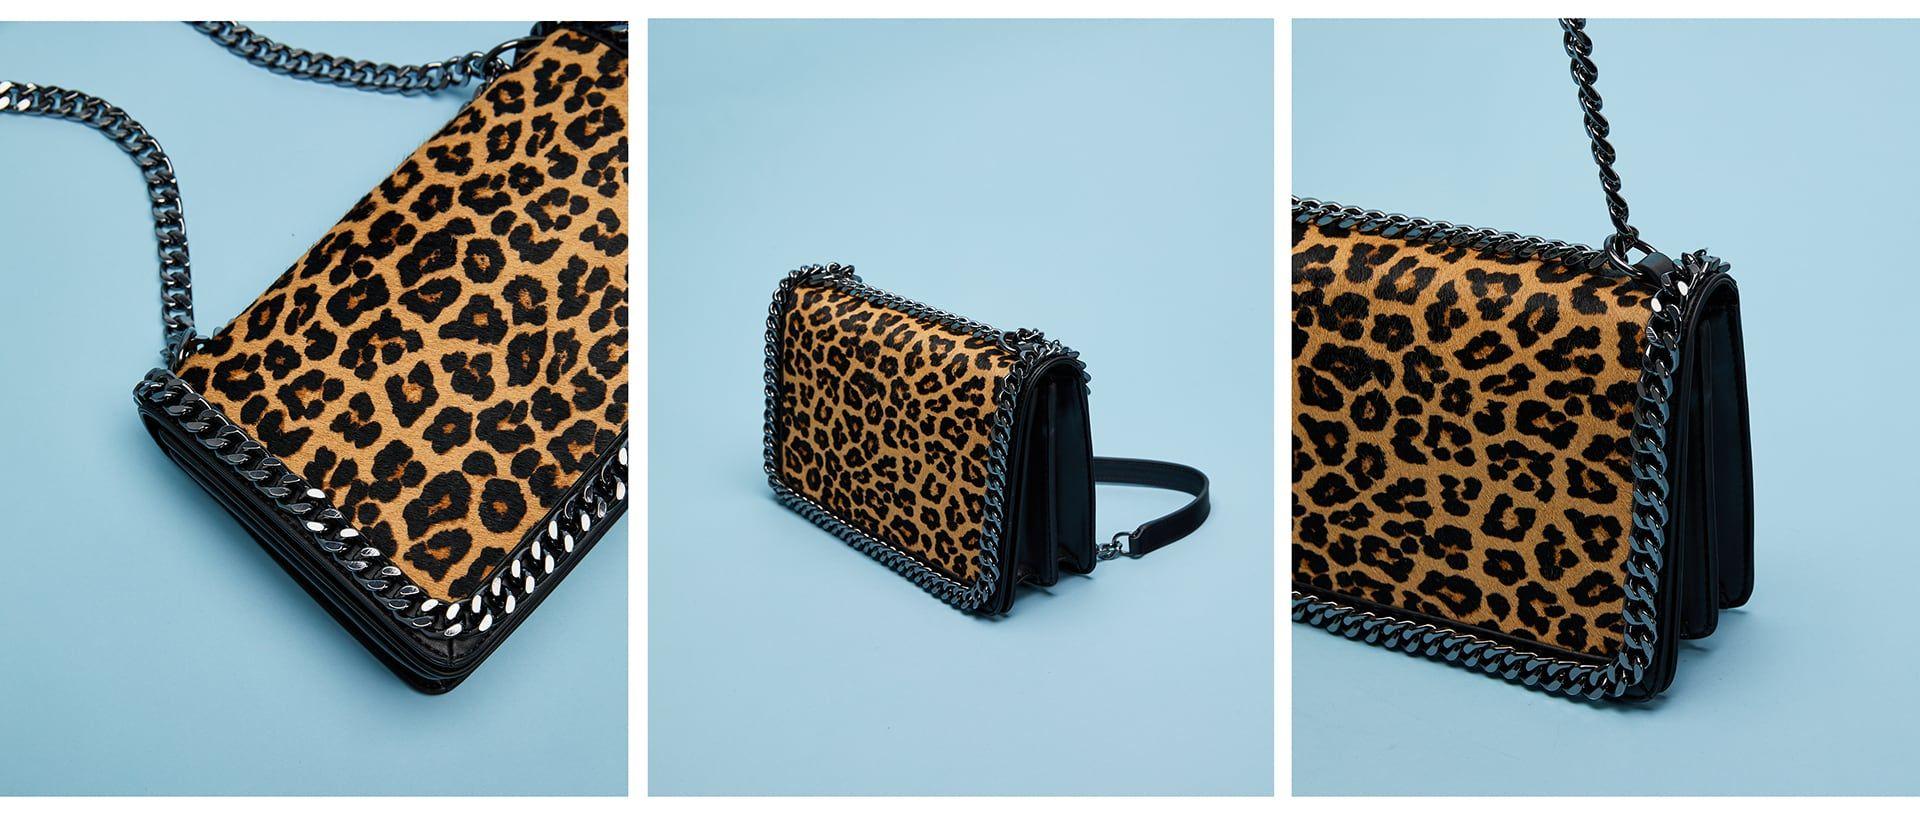 MujerNueva España Para Zara Online Bolsos Colección Bags K1TlJcF3